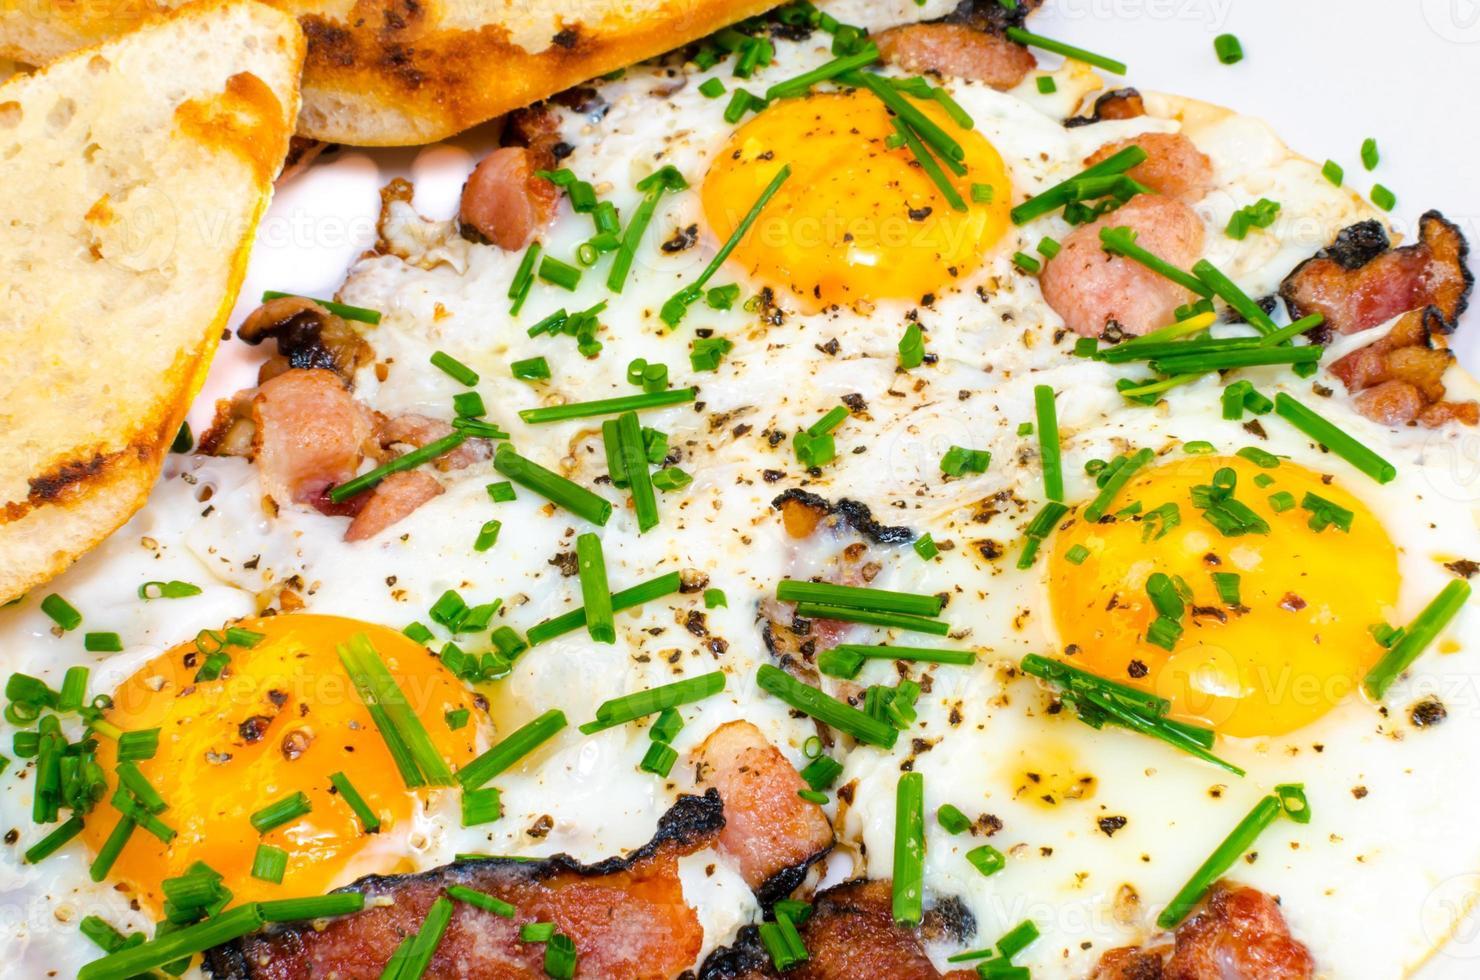 tocino, huevos y cebollino con tostadas crujientes foto